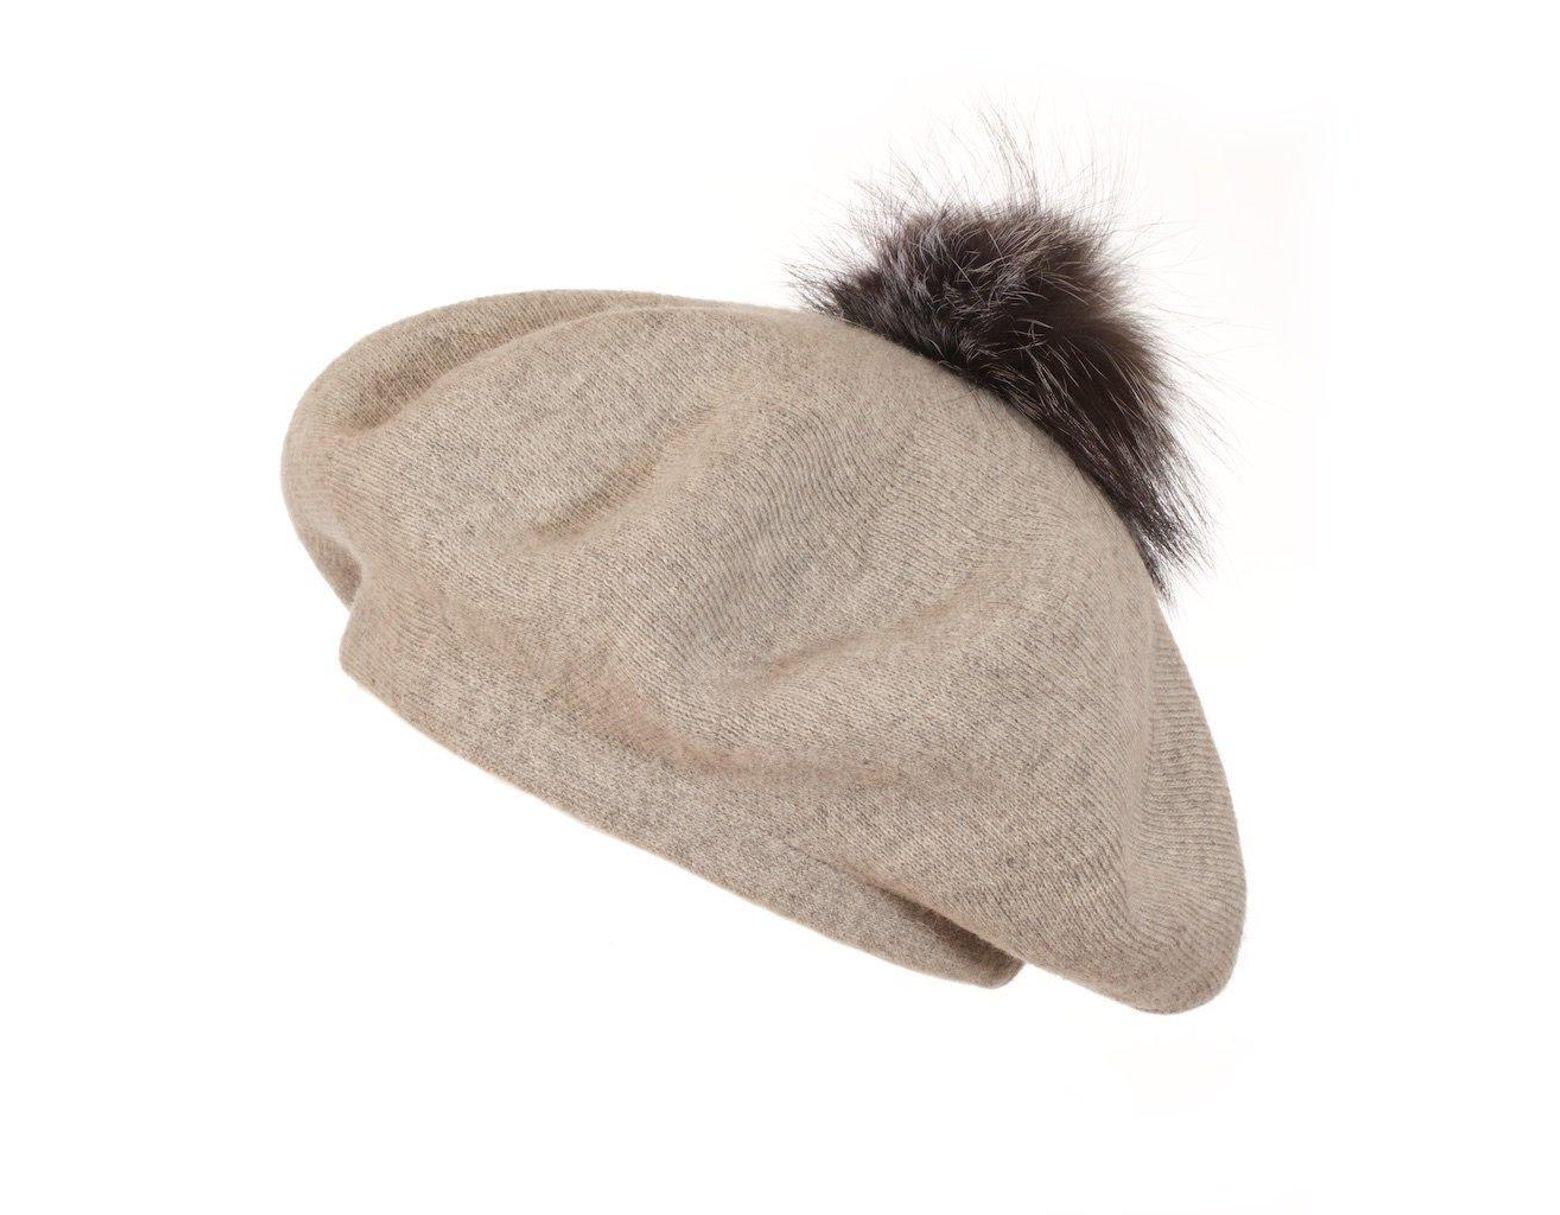 921654a59 Women's Gray Bella Beret Fur Pom Pom Hat In Whisper Grey